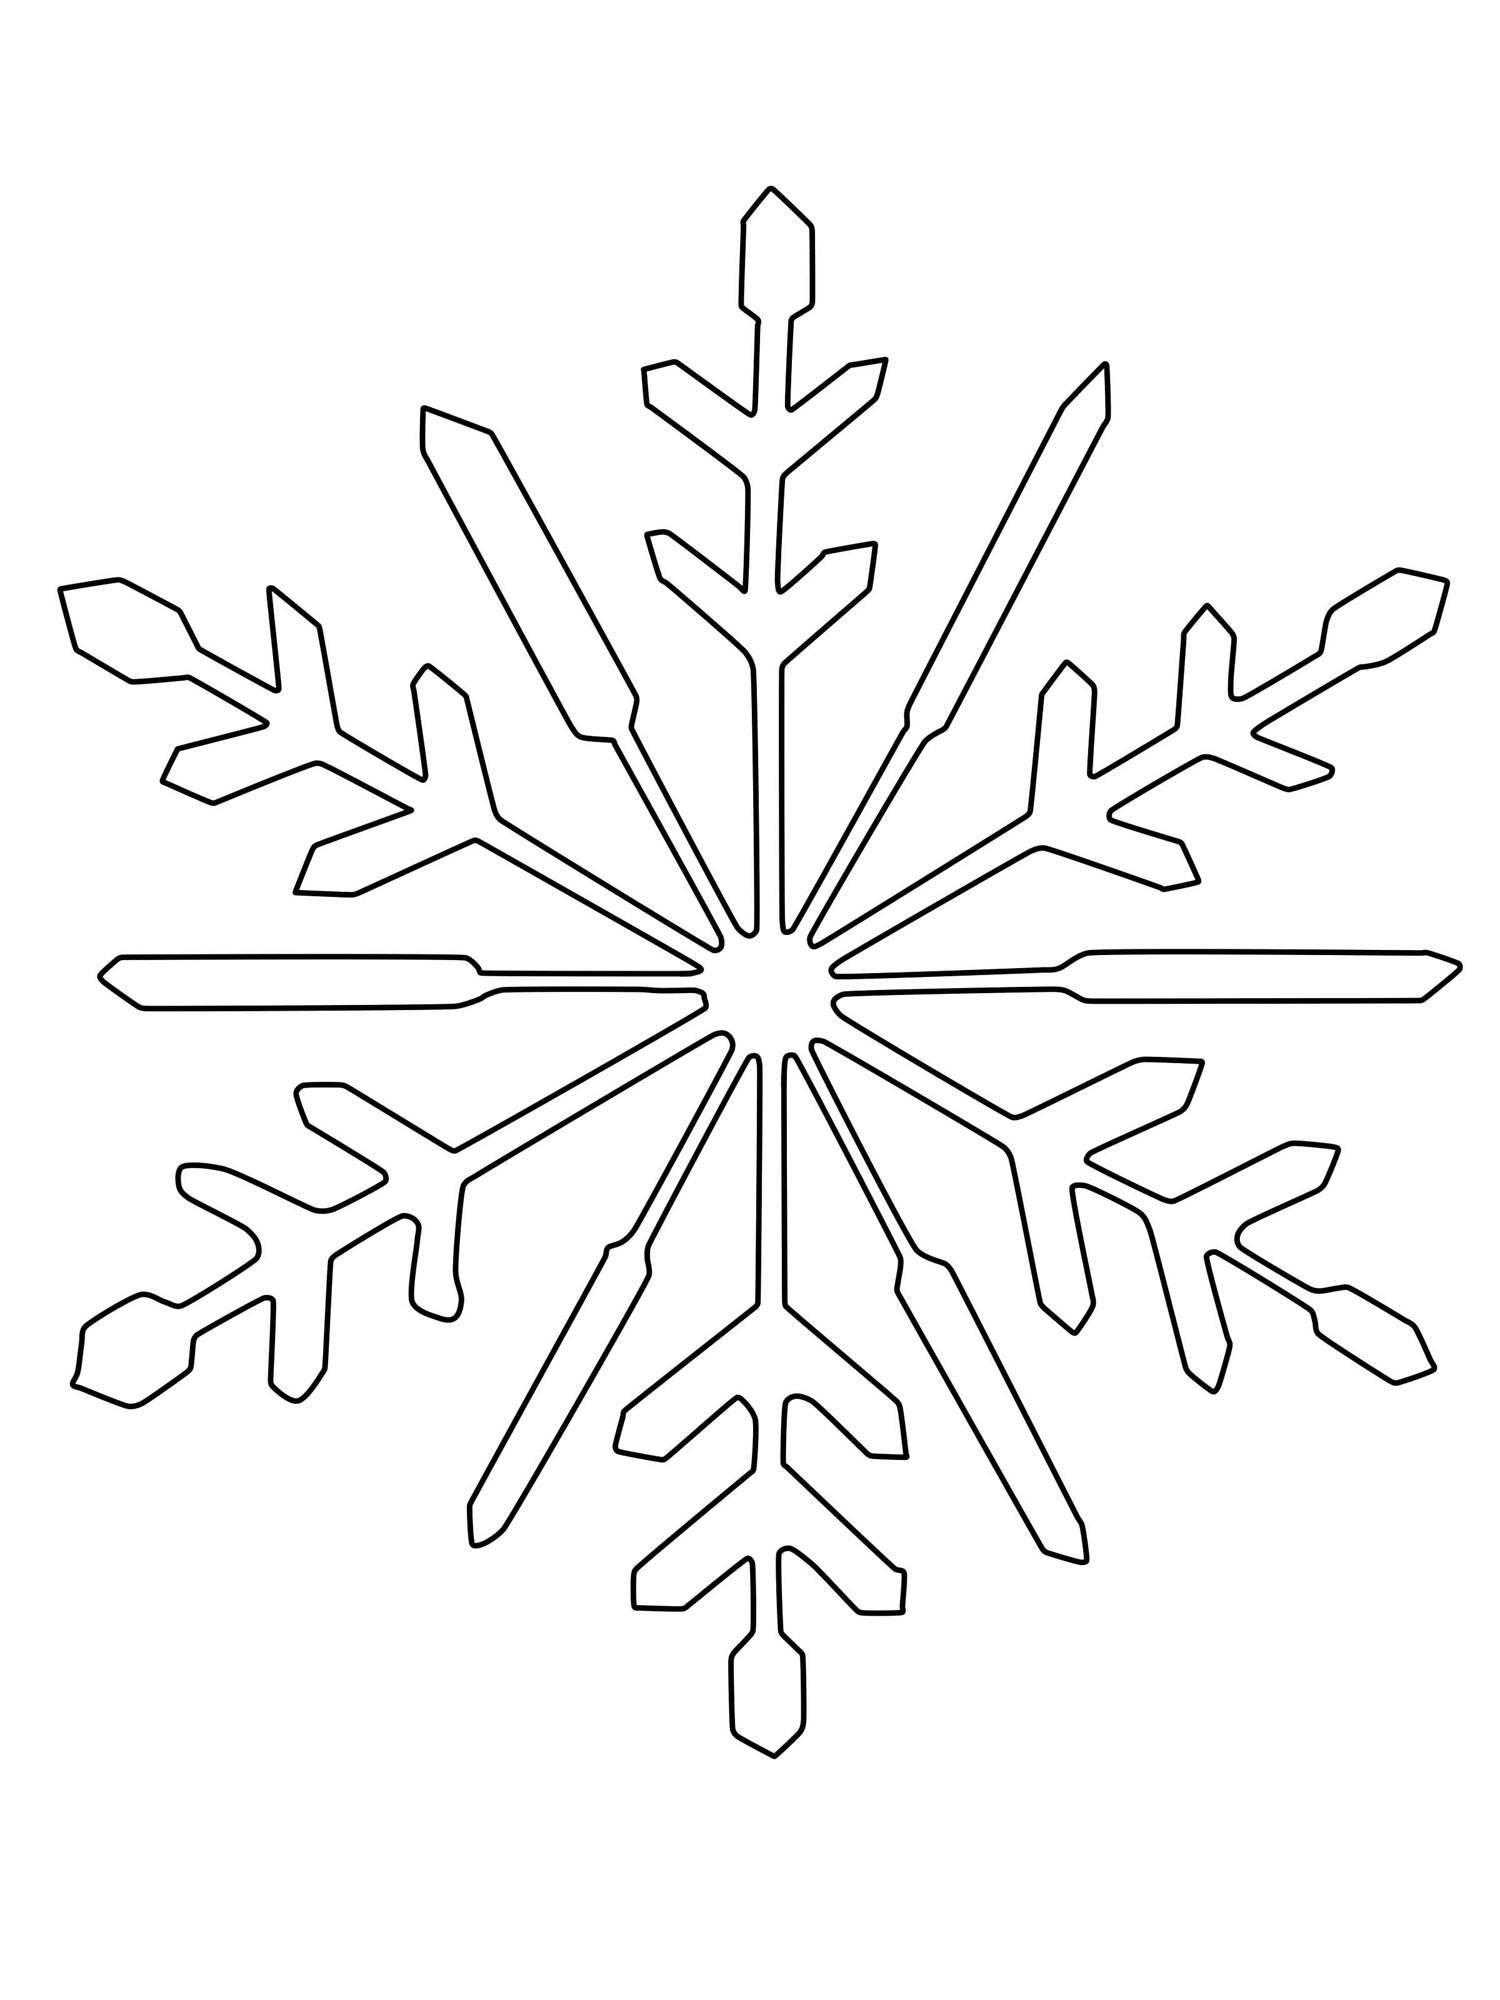 kostenlose malvorlage schneeflocken und sterne schneeflocke zum ausmalen zum ausmalen. Black Bedroom Furniture Sets. Home Design Ideas